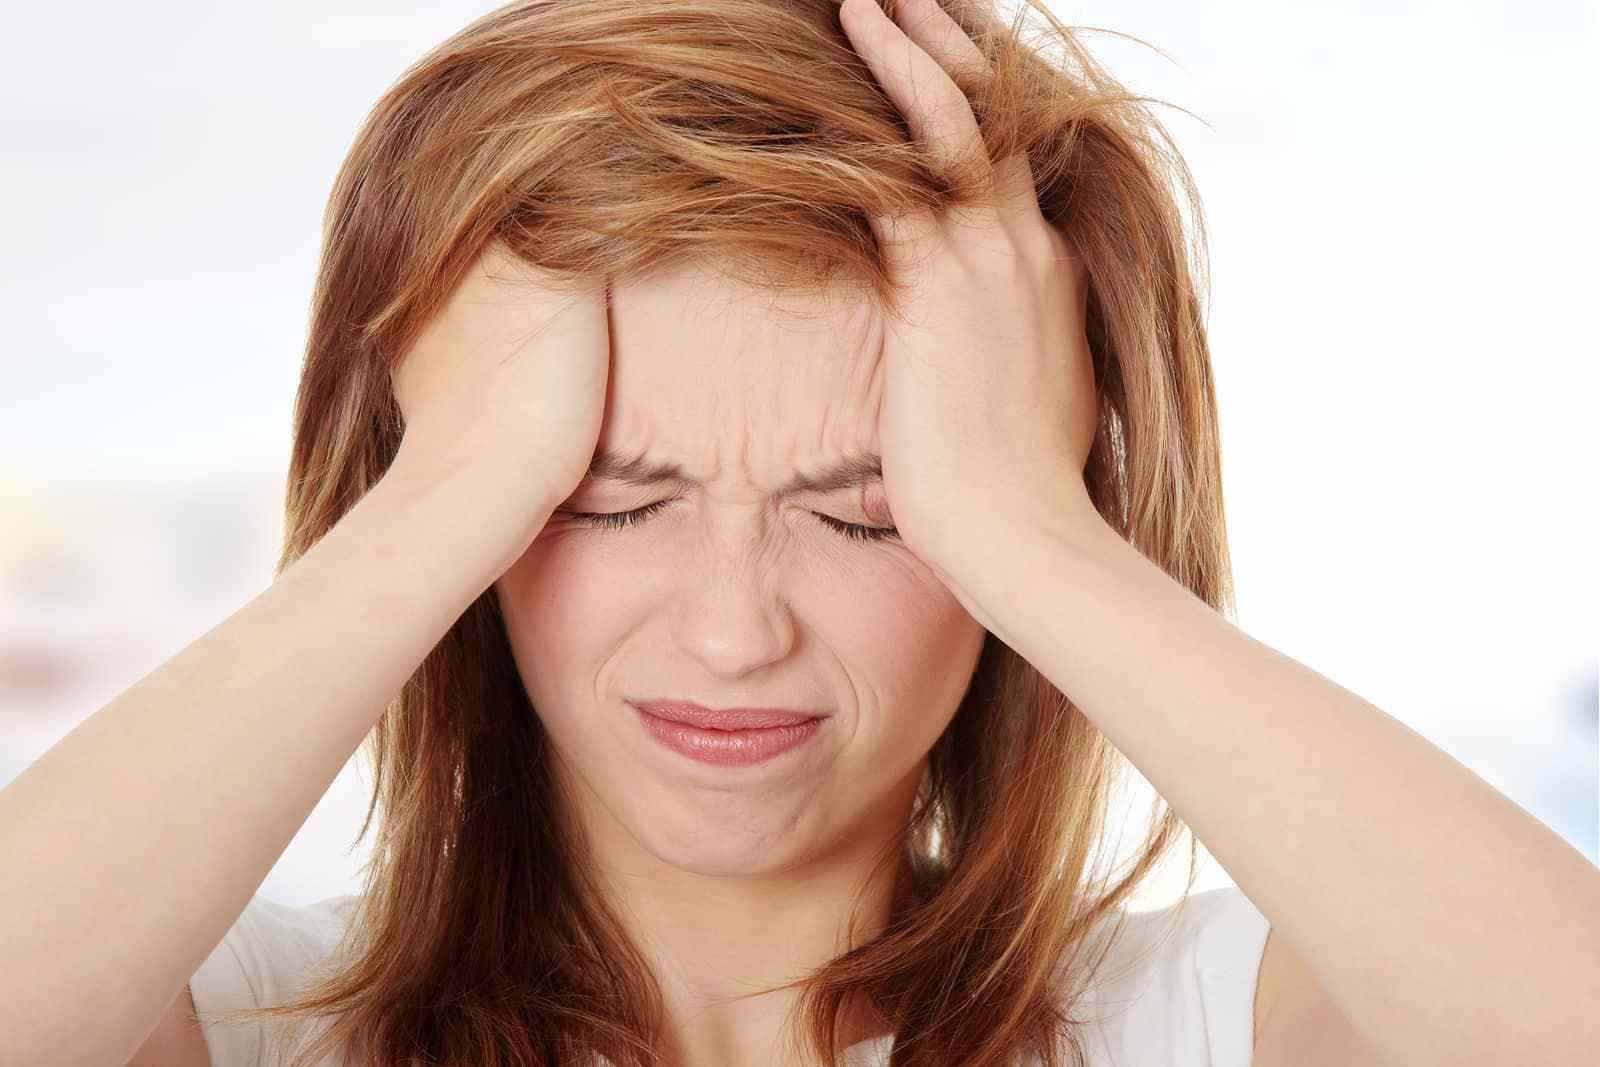 أمل جديد لمرضى الصداع النصفي: حقنة تقلل الإصابة بمعدل النصف